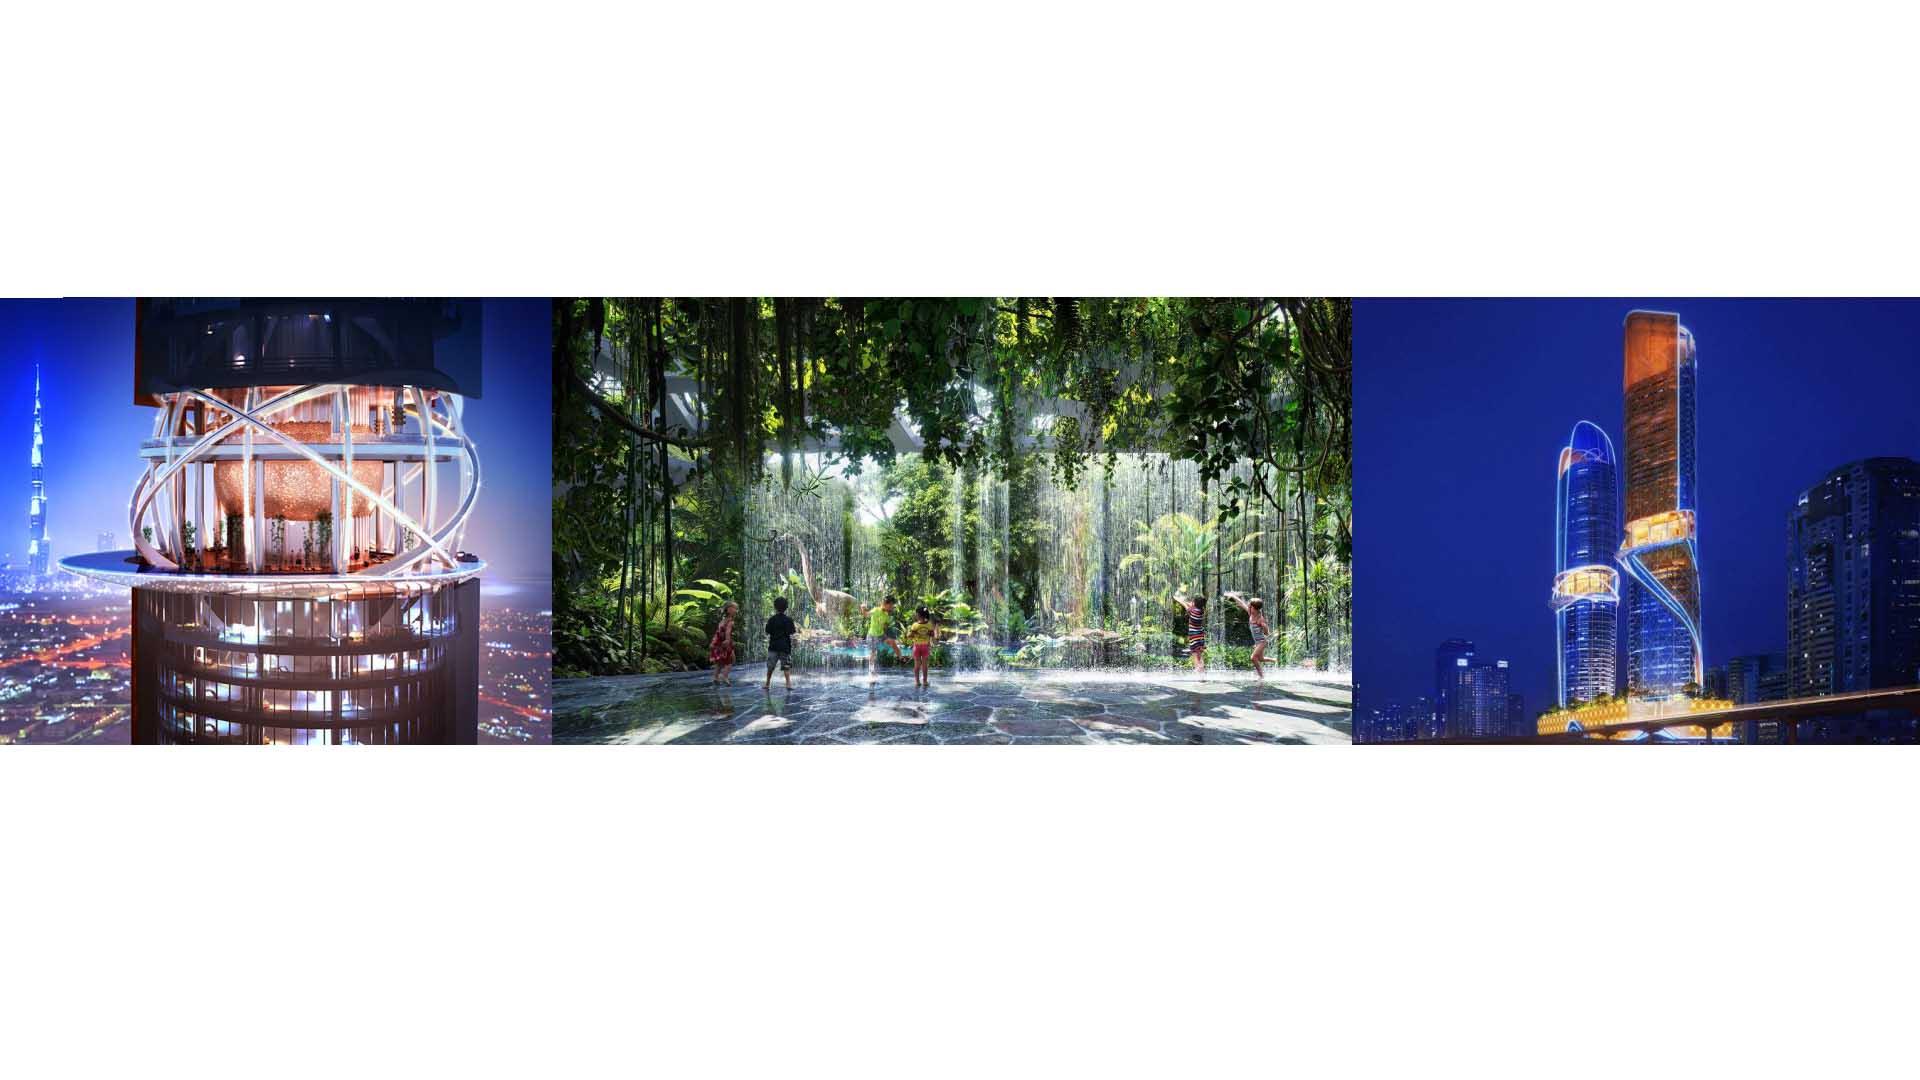 La creación de dos torres convertidas en hoteles tendrán en su interior exóticas áreas para ofrecer a sus huéspedes